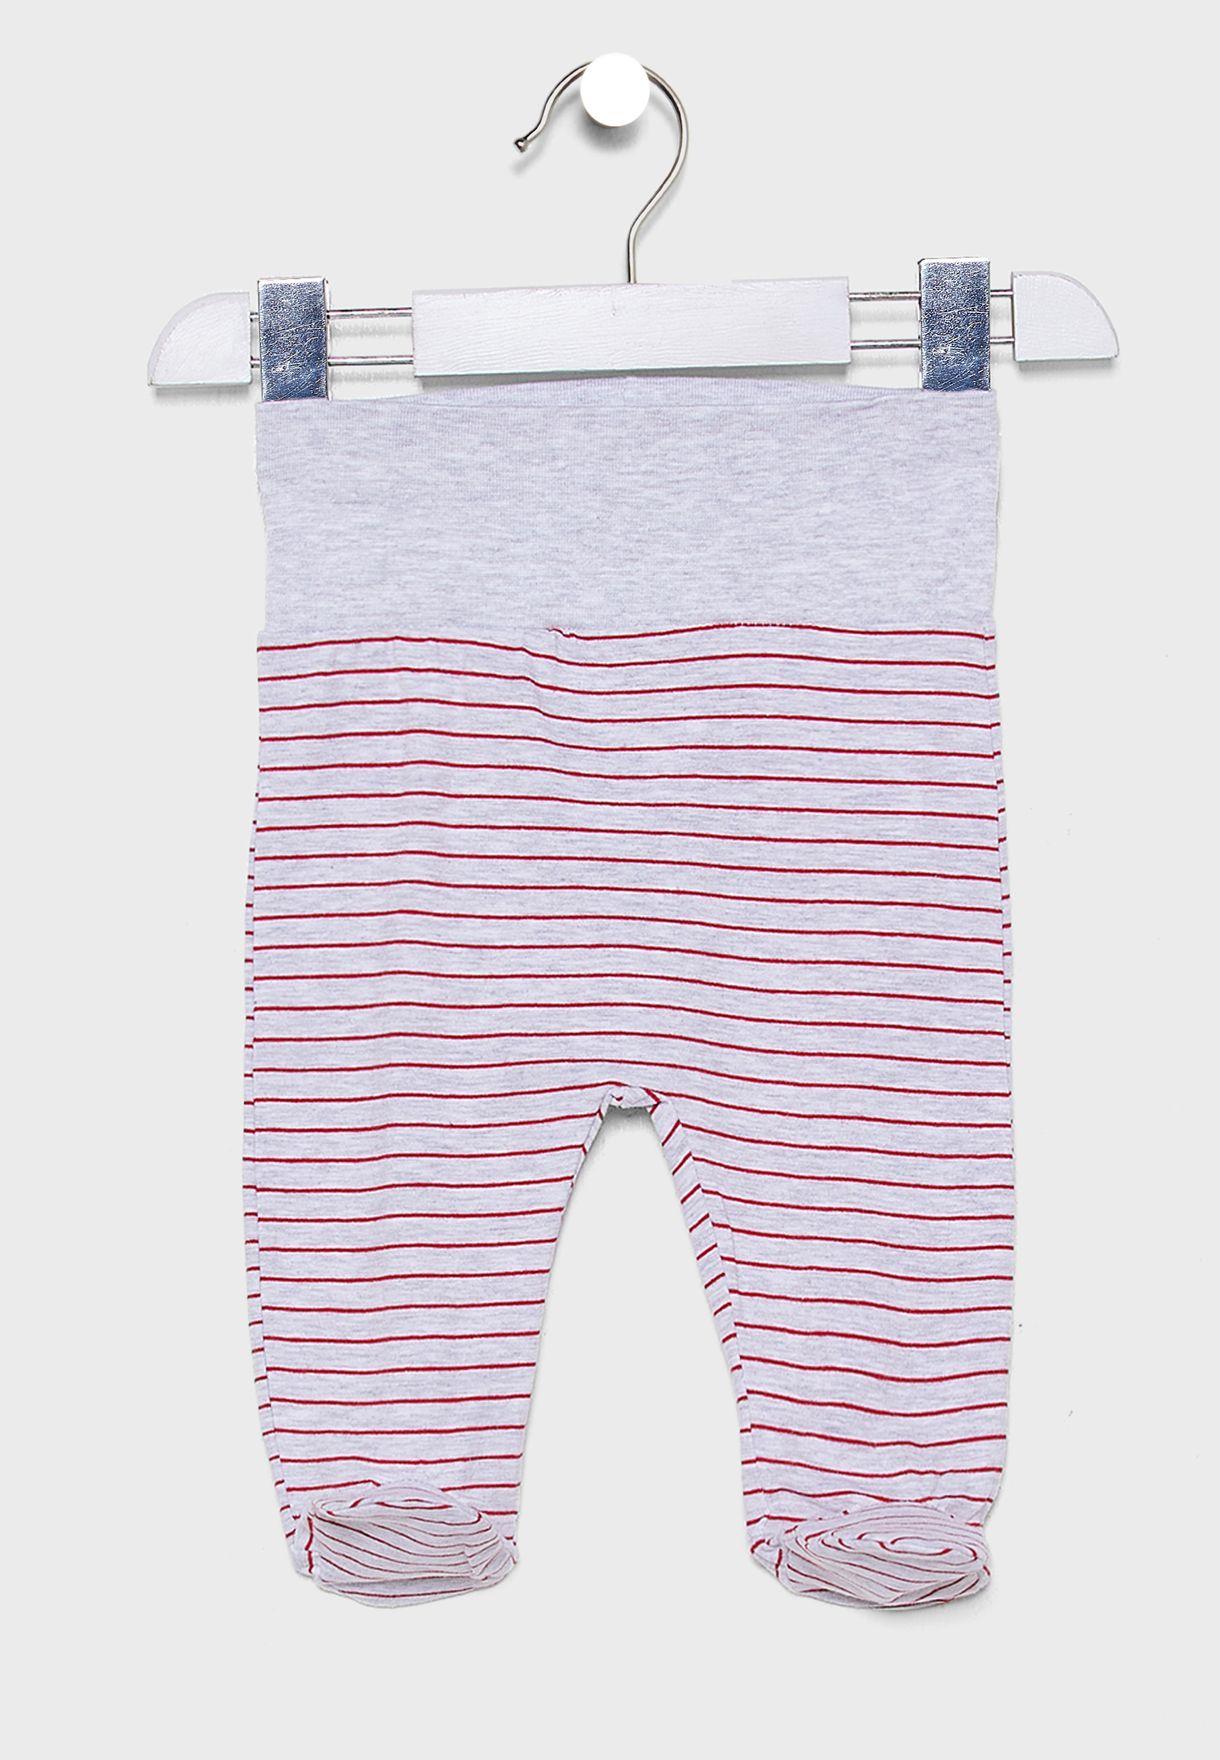 Infant Graphic T-Shirt + Sweatpants Set